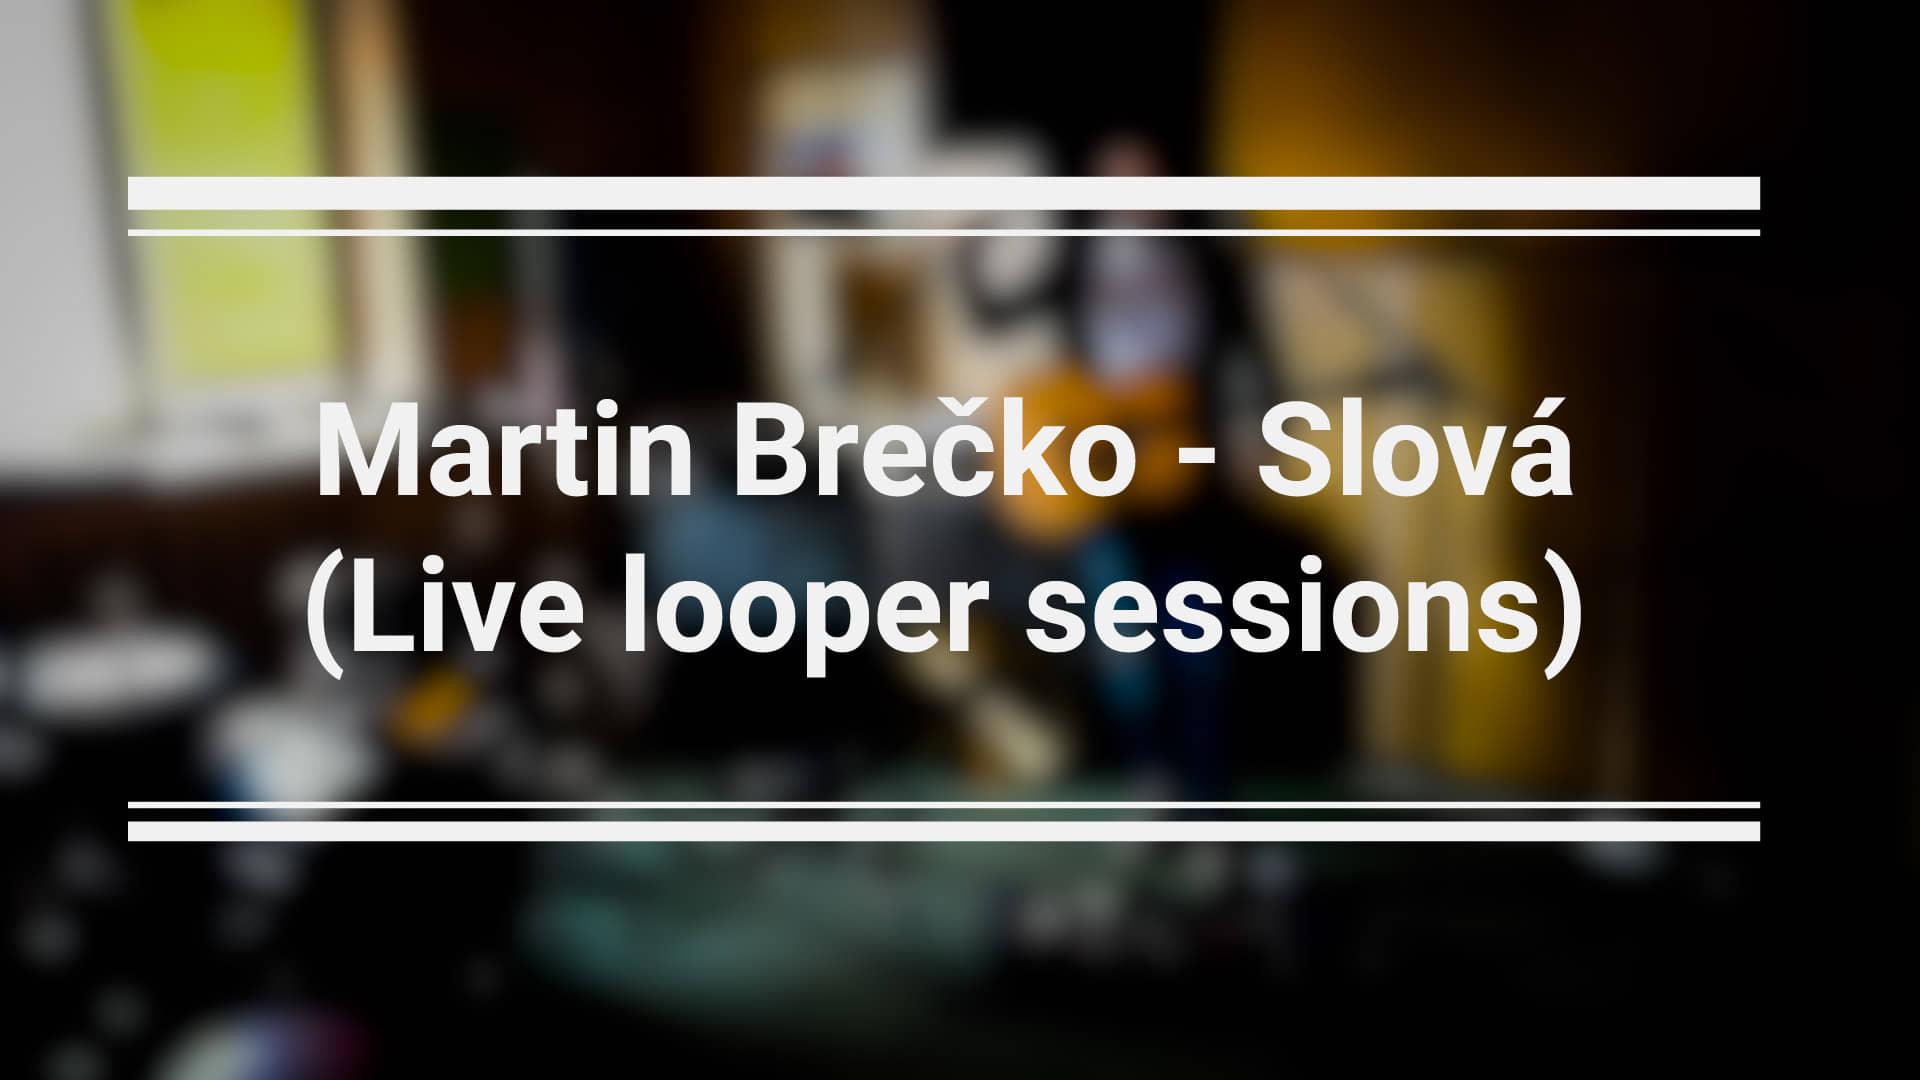 Martin Brečko – Slová (Live looper sessions)